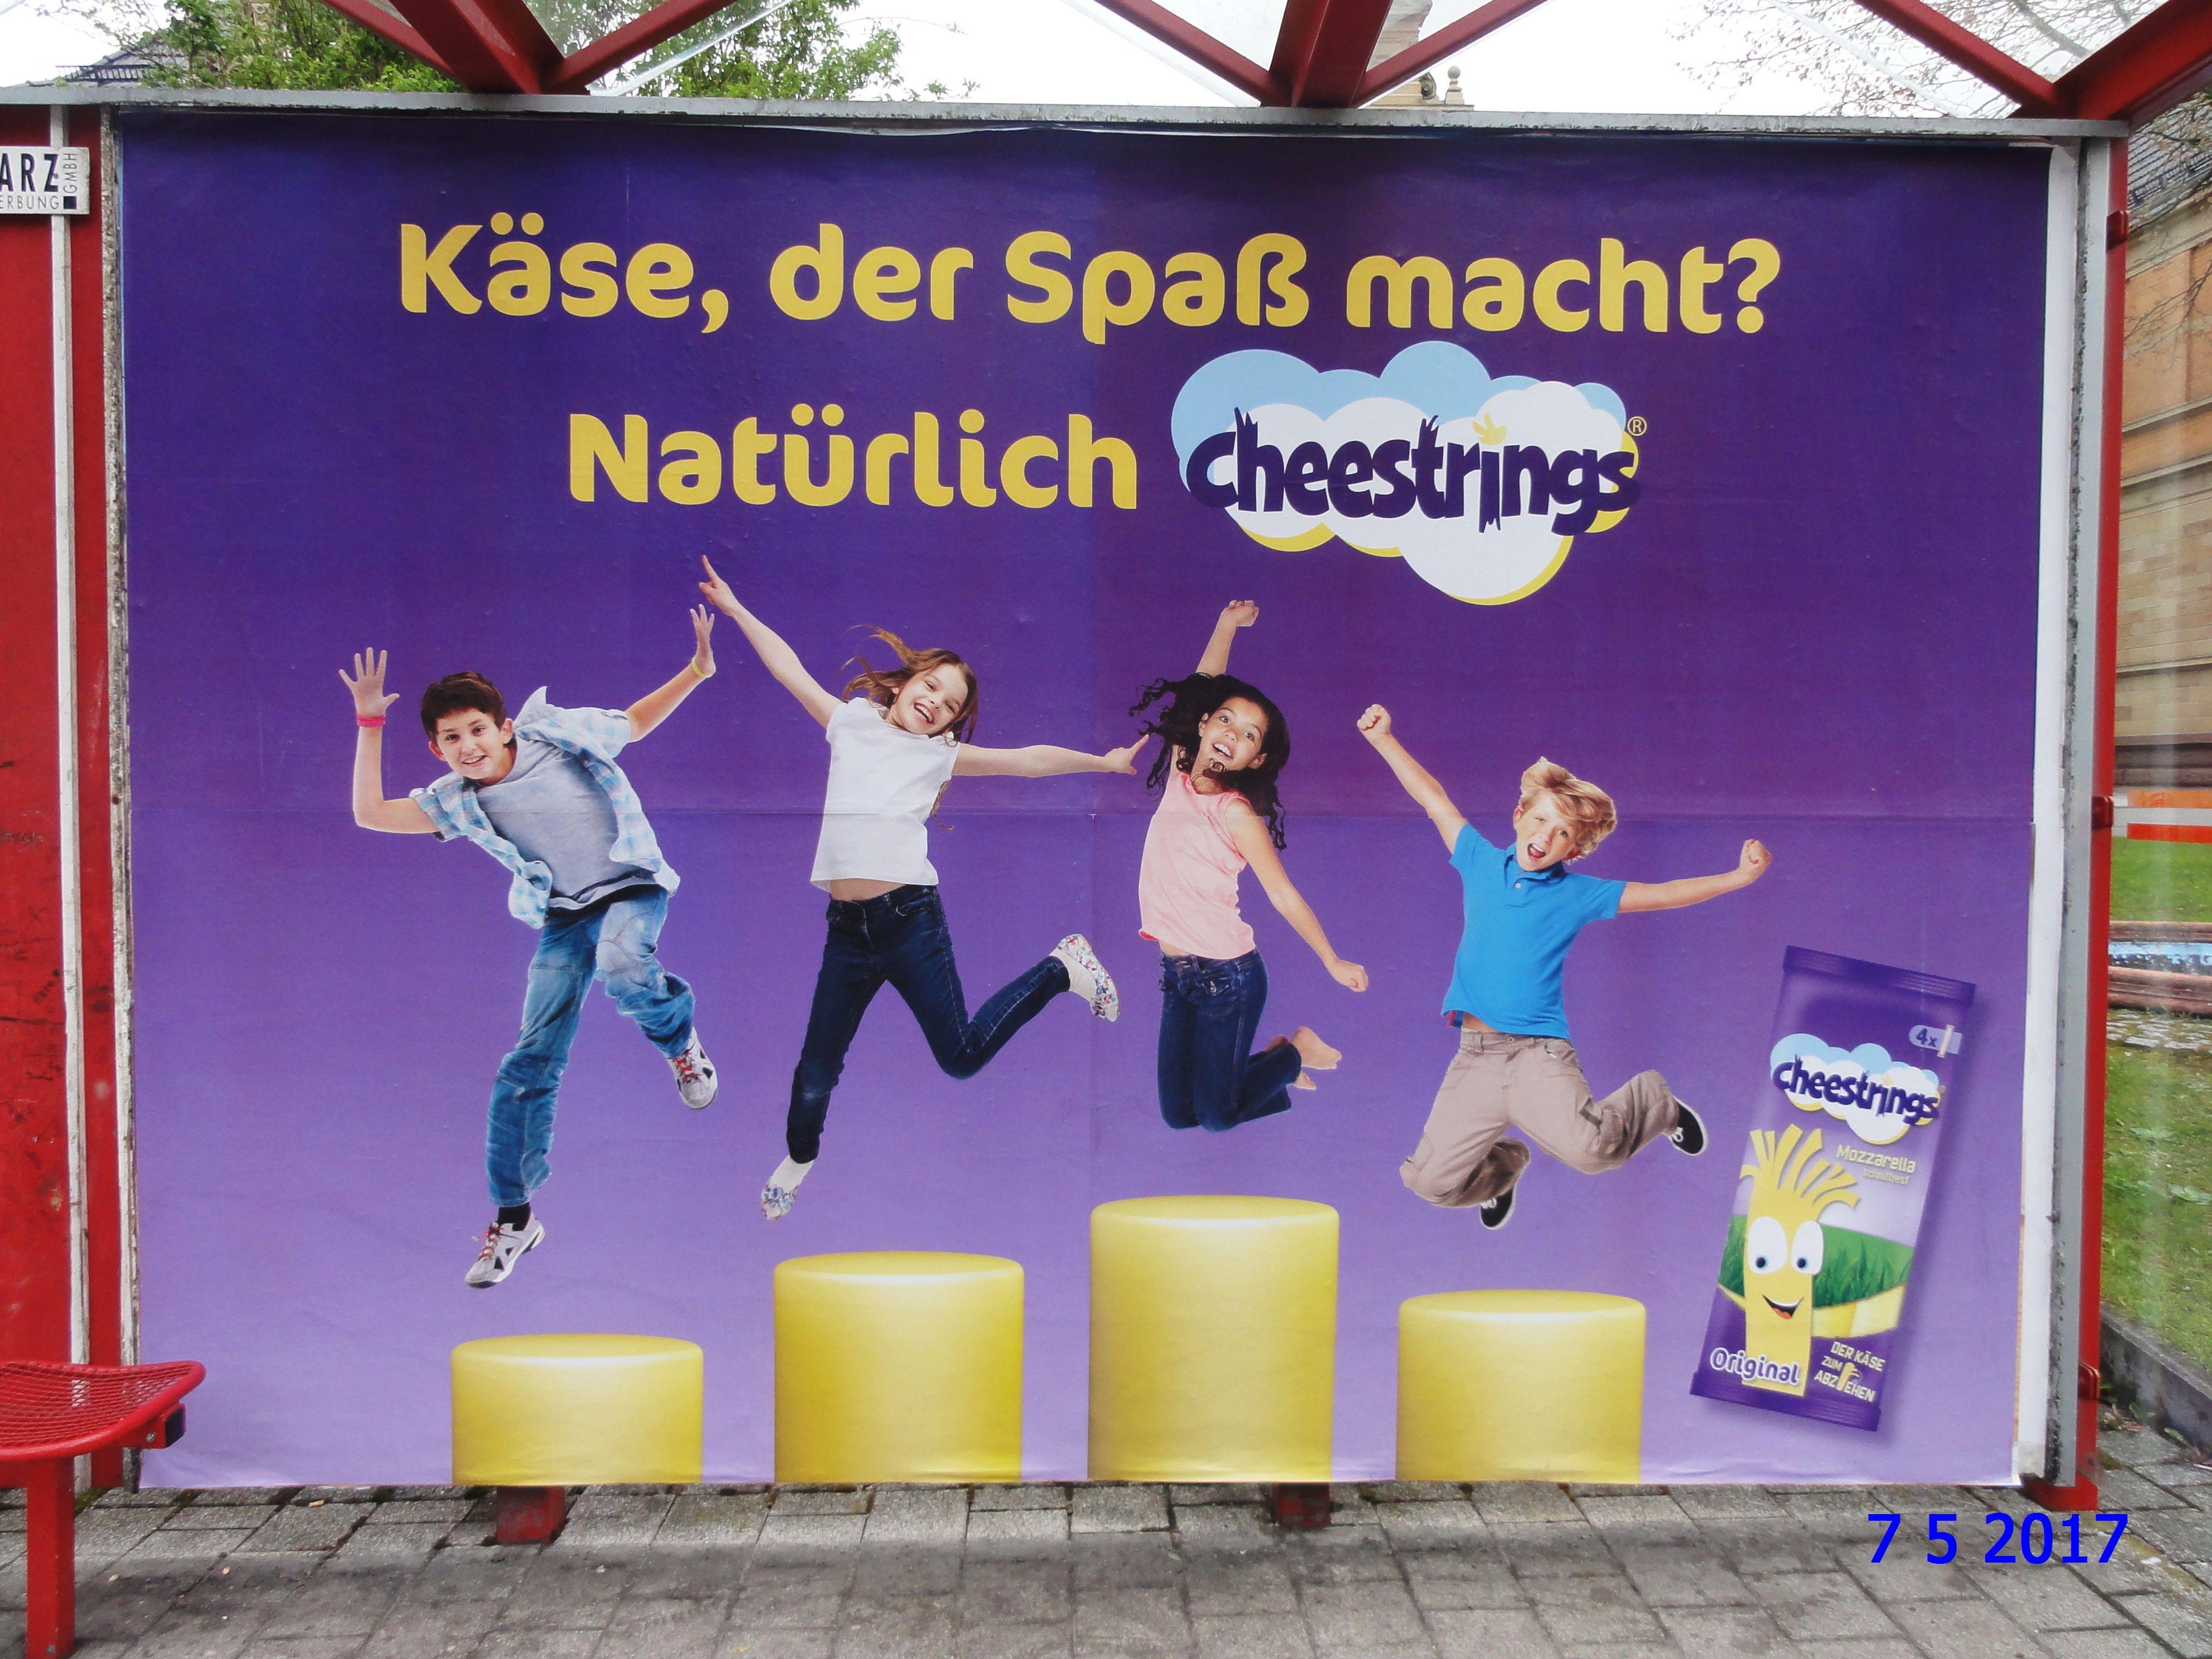 1154. - Plakat in Stockach. / 07.05.2017./